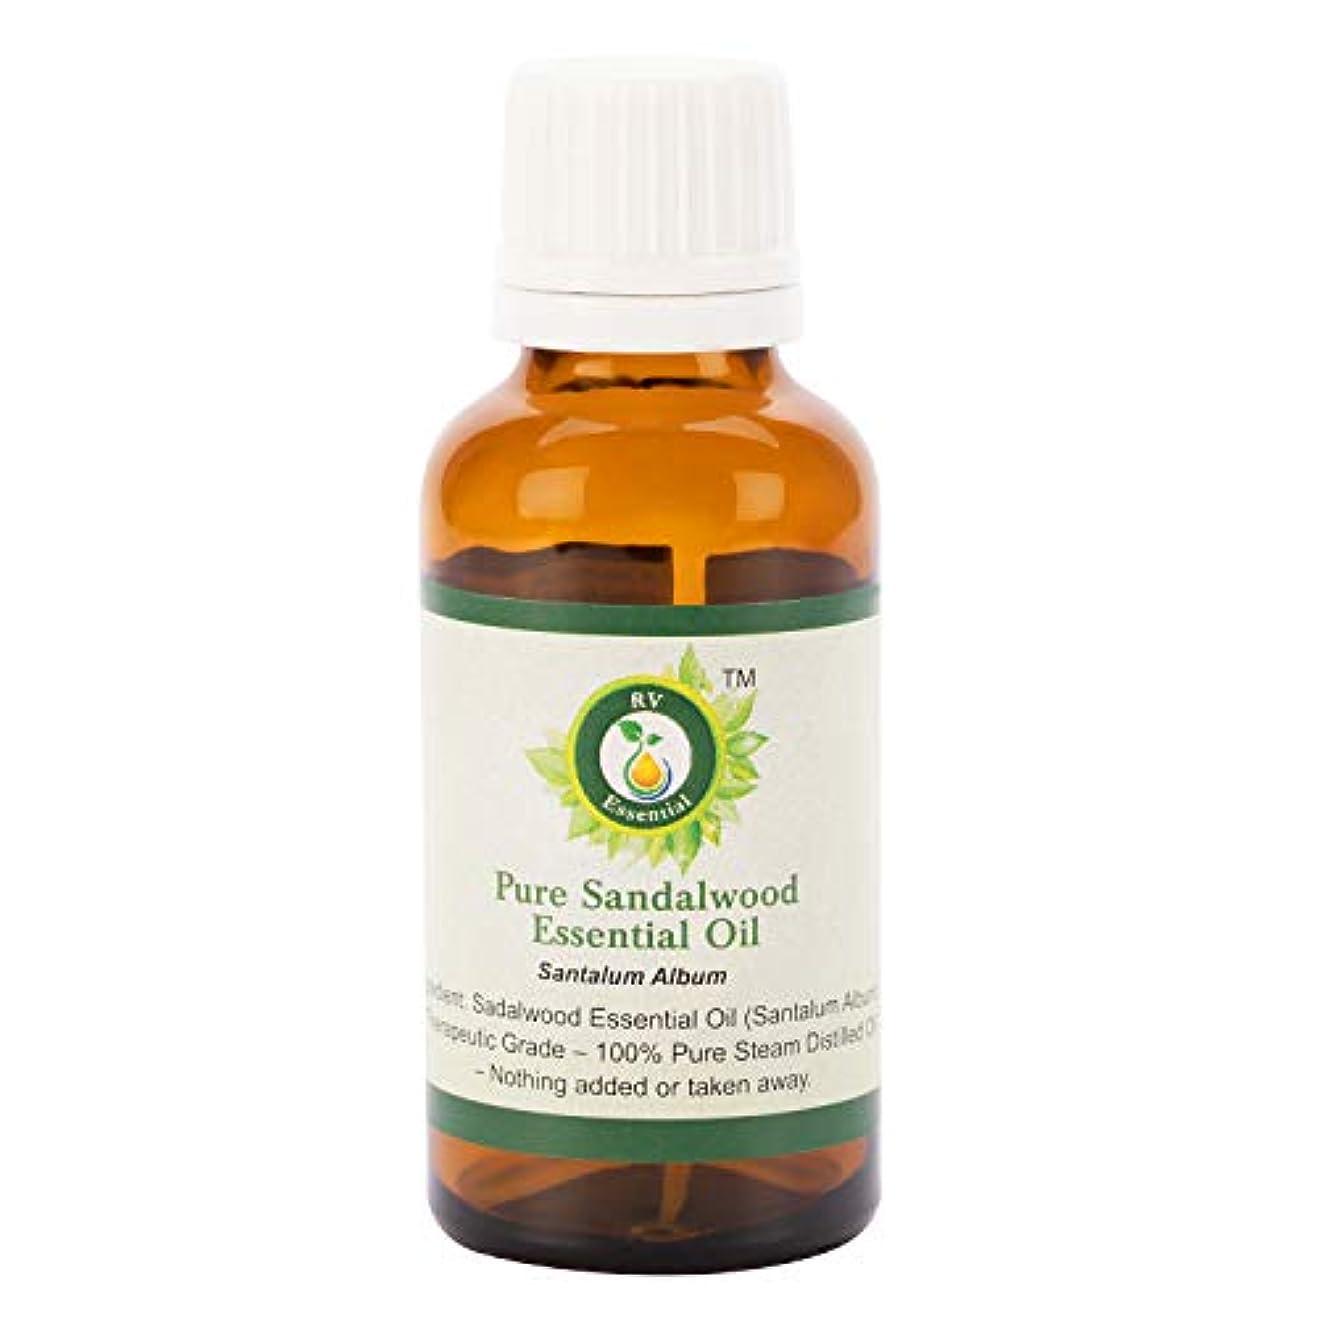 電気陽性練る上ピュアサンダルウッドエッセンシャルオイル100ml (3.38oz)- Santalum Album (100%純粋&天然スチームDistilled) Pure Sandalwood Essential Oil